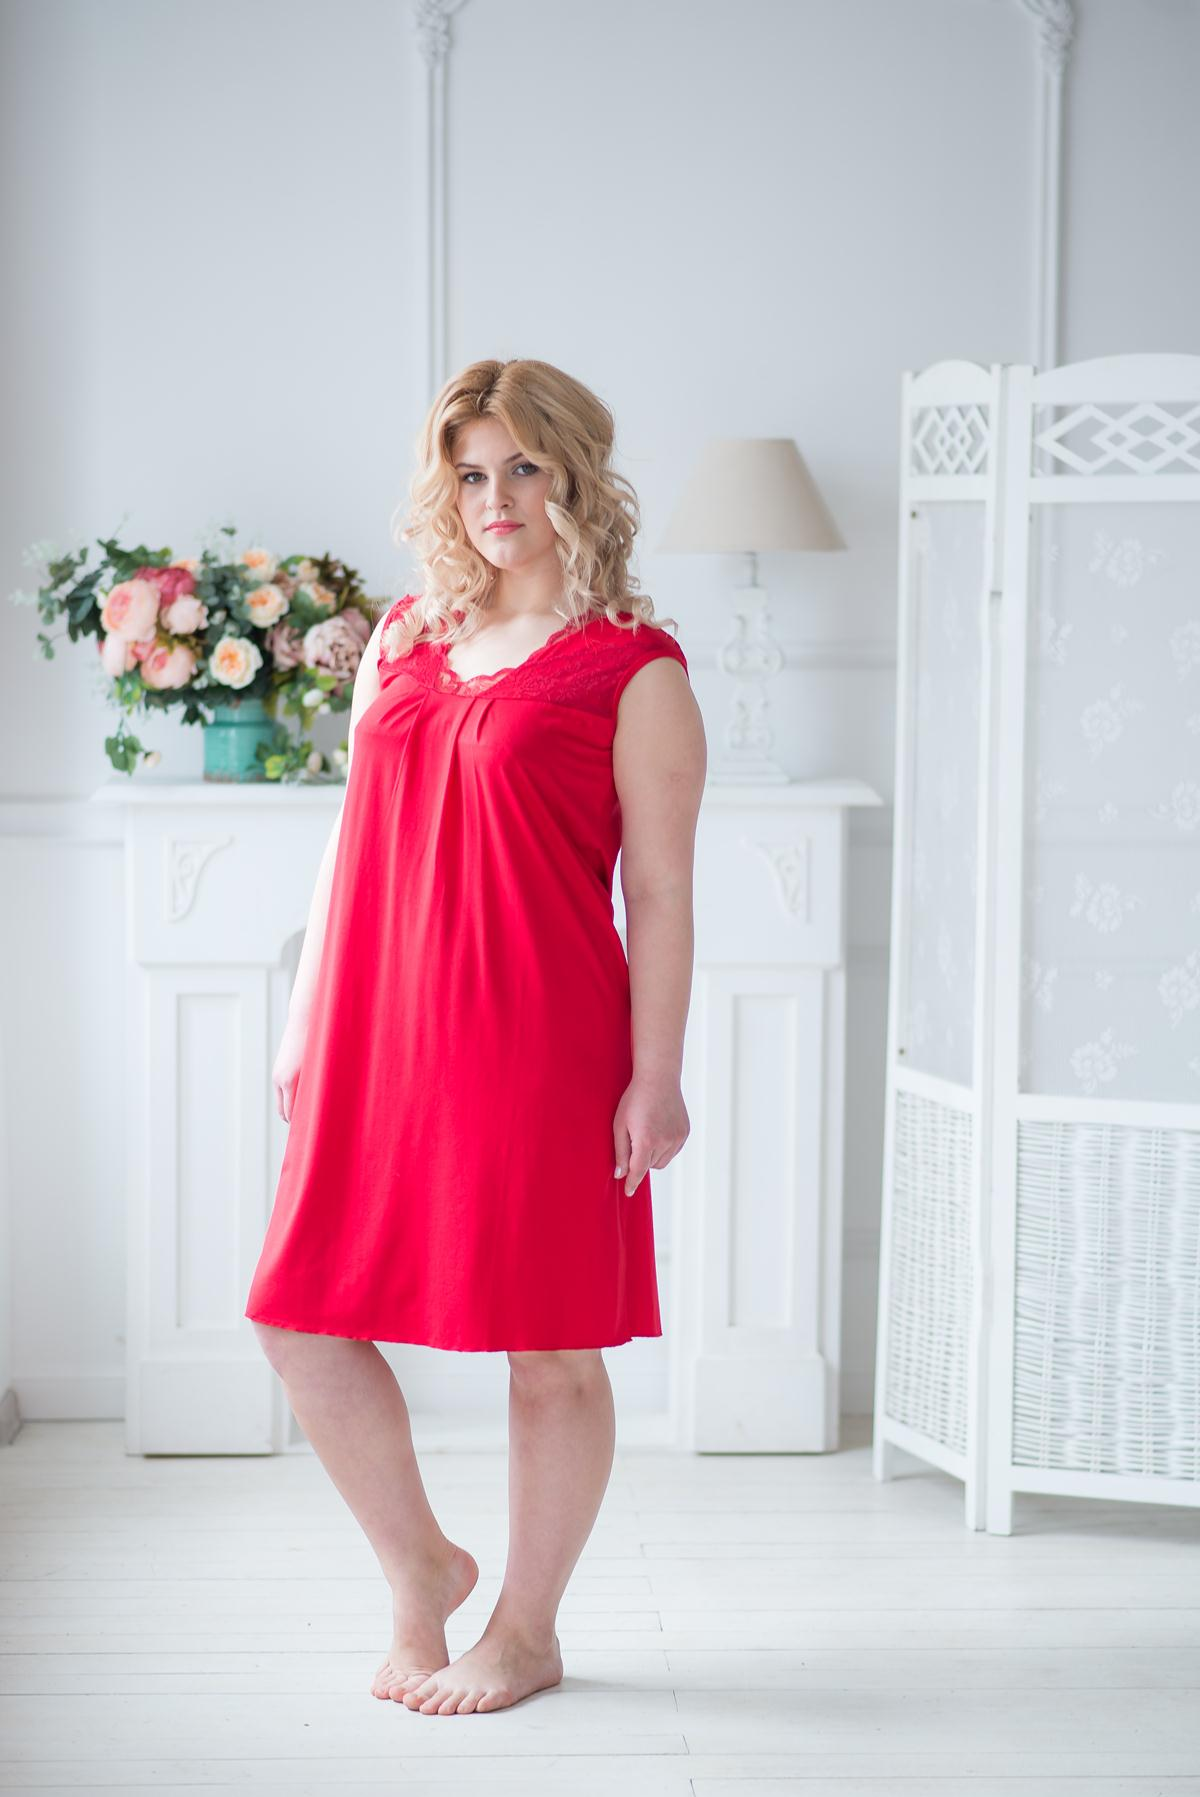 Жен. сорочка арт. 19-0041 Красный р. 58Ночные сорочки<br>Факт. ОГ: 116 см <br>Факт. ОТ: 128 см <br>Факт. ОБ: 128 см <br>Длина по спинке: 108 см<br><br>Тип: Жен. сорочка<br>Размер: 58<br>Материал: Вискоза